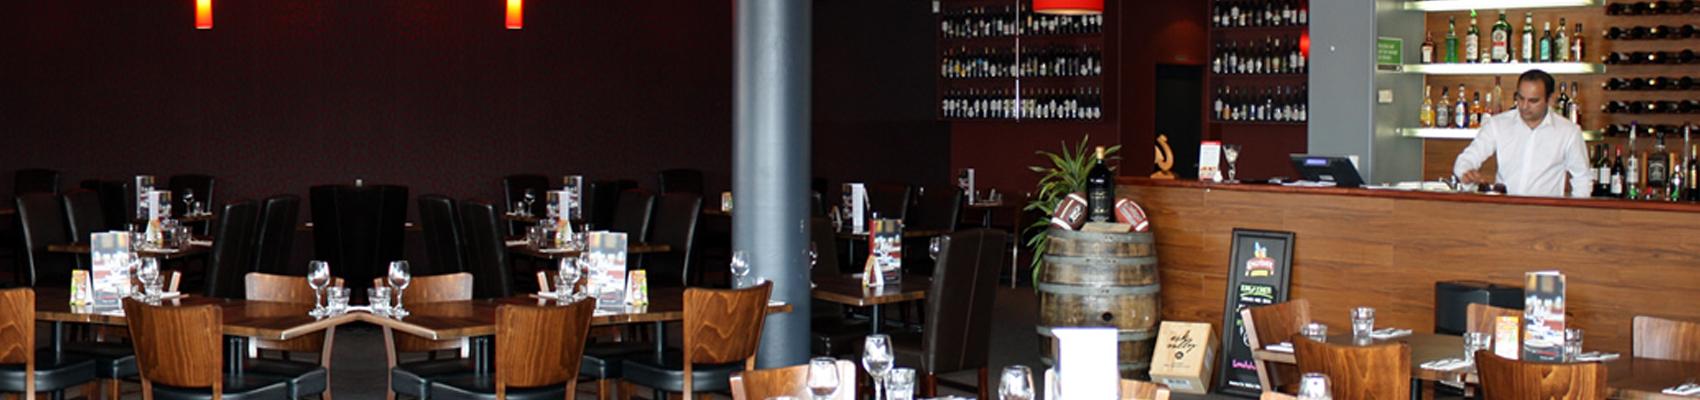 Indian Restaurant Rotorua